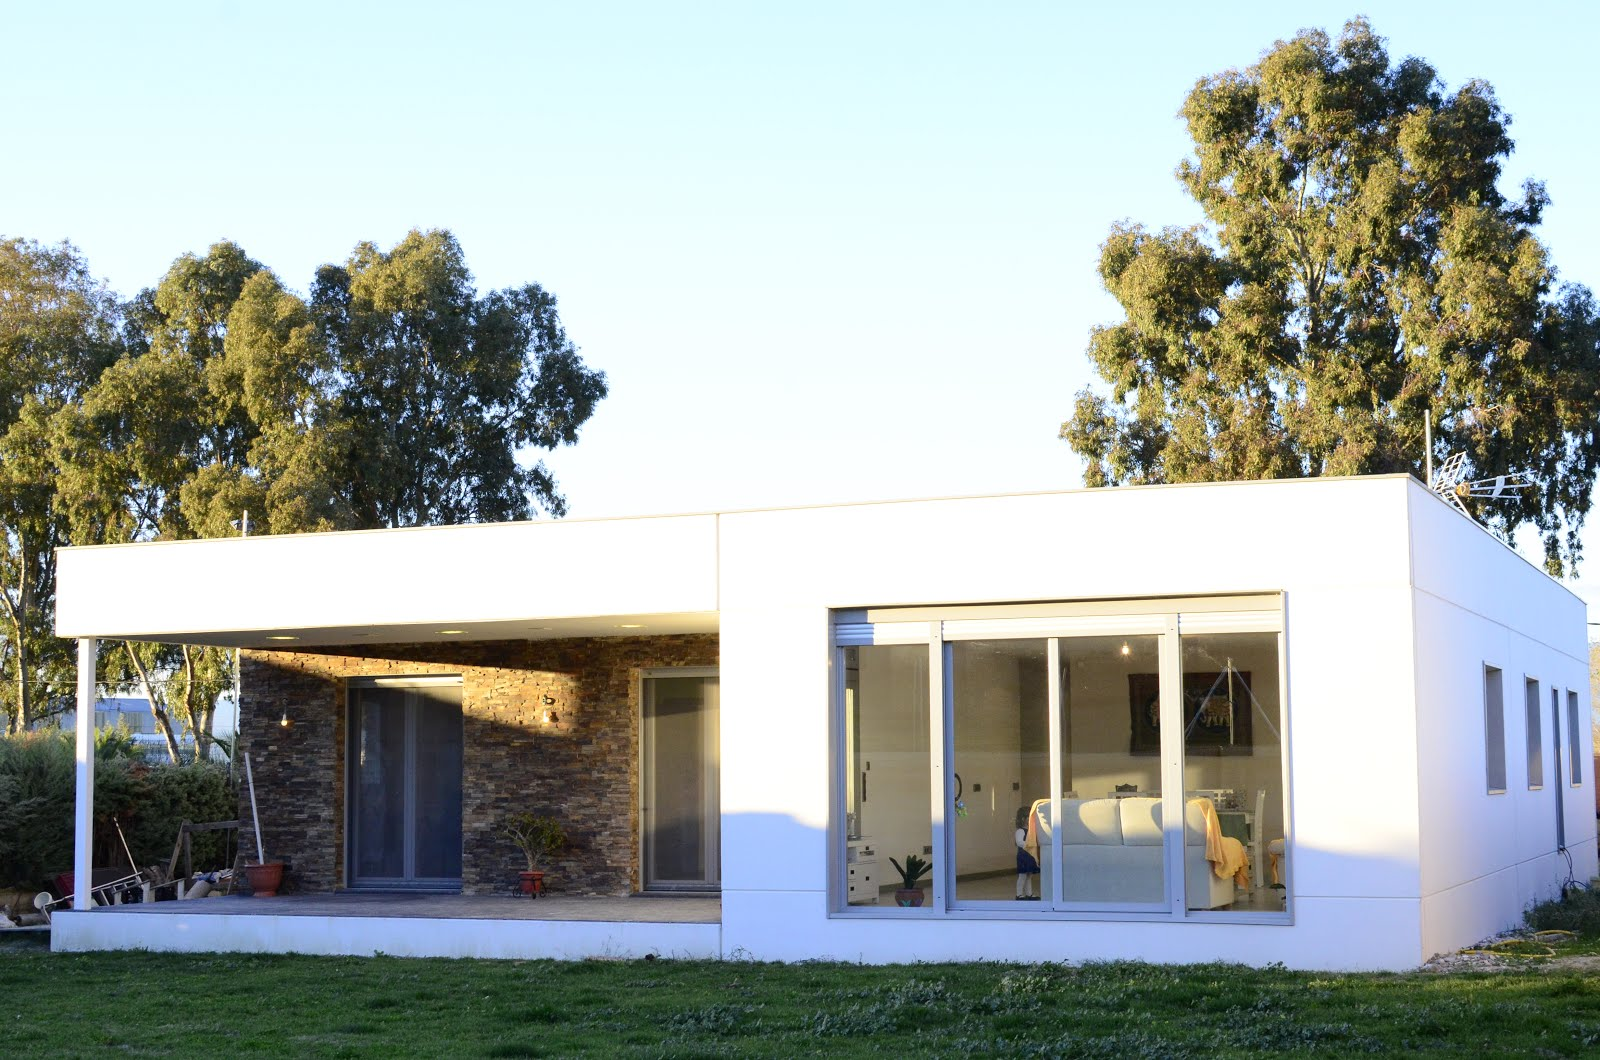 Casas de dise o prefabricadas en hormig n placa alveolar - Modelos de casas prefabricadas de hormigon y precios ...